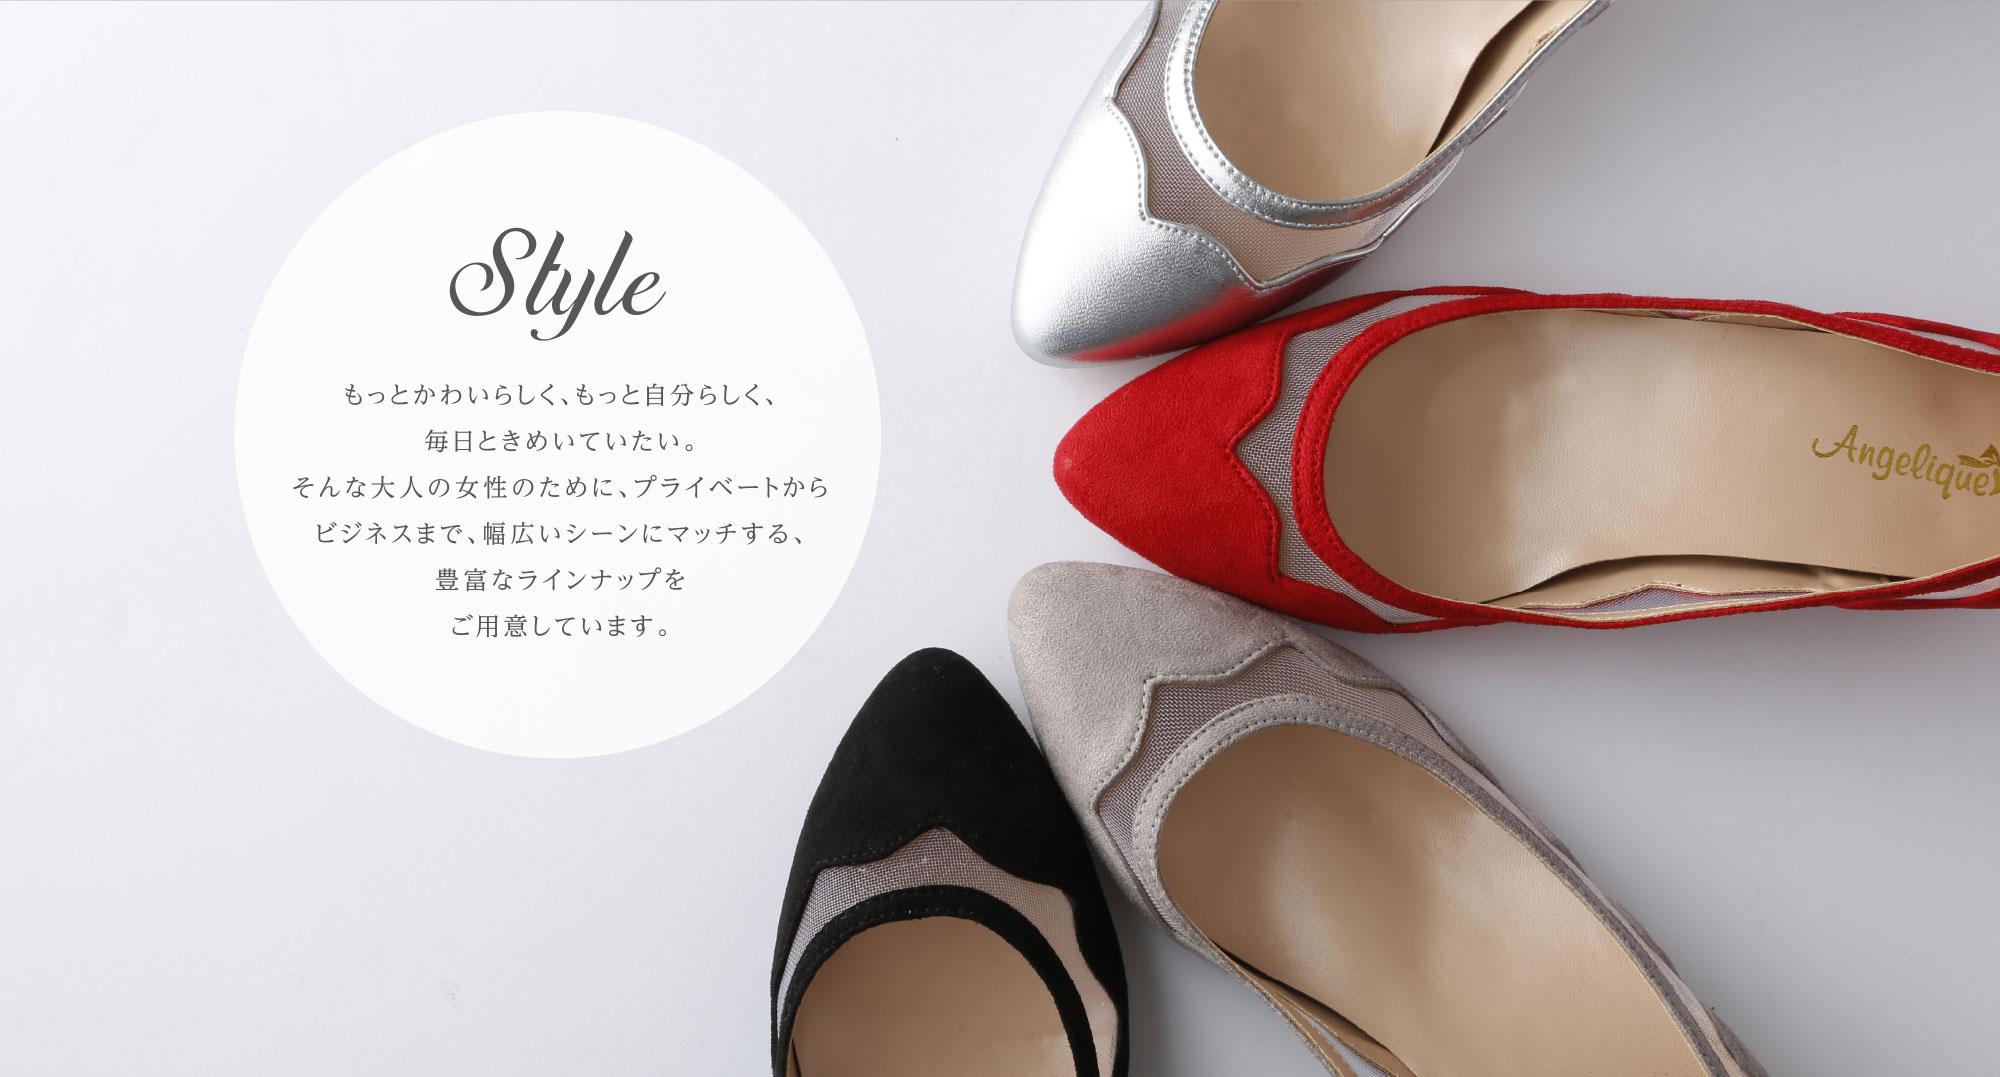 Style もっとかわいらしく、もっと自分らしく、毎日ときめいていたい。そんな大人の女性のために、プライベートからビジネスまで、幅広いシーンにマッチする、豊富なラインナップをご用意しています。